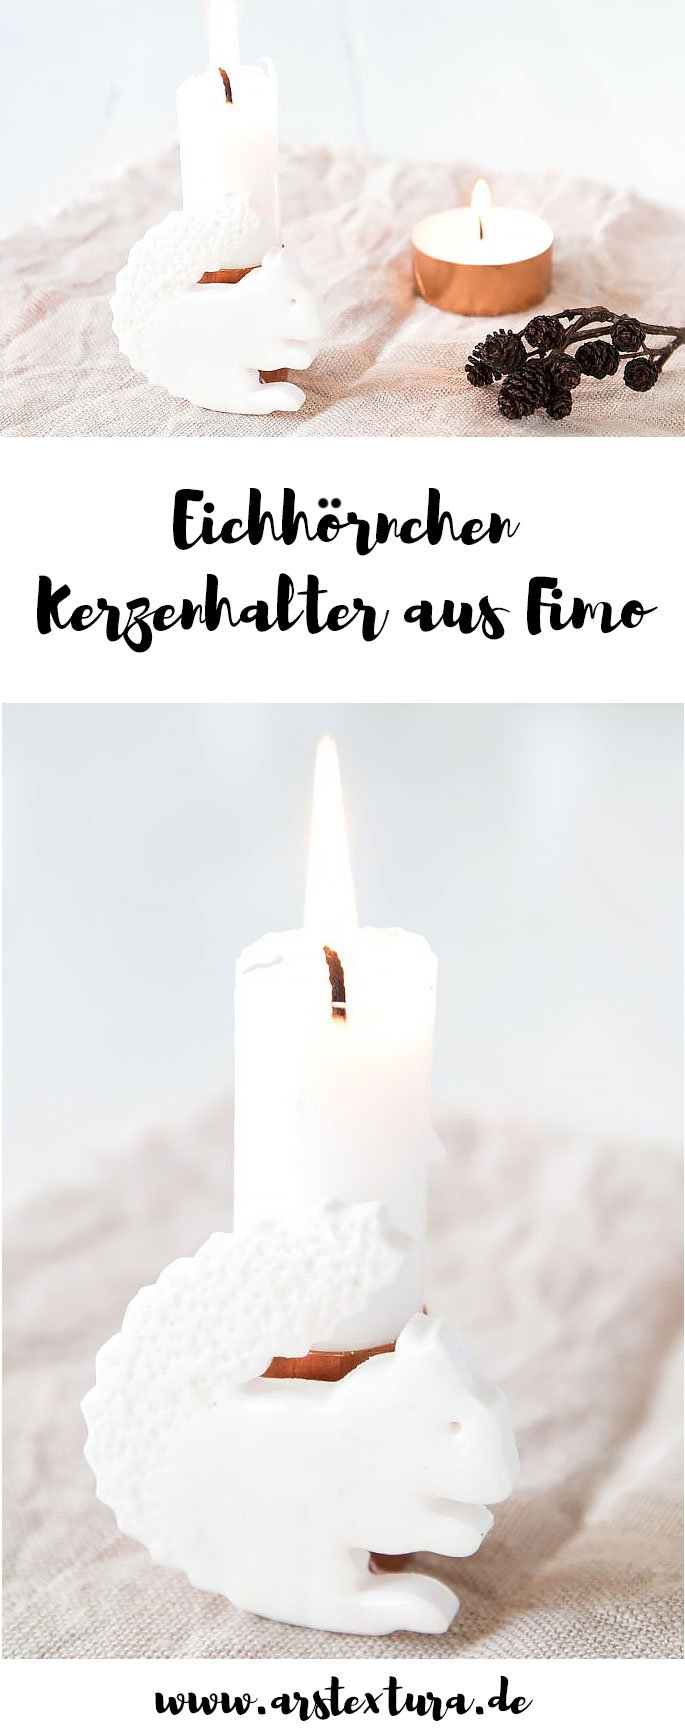 Herbstdeko basteln: Eichhörnchen Kerze aus Fimo basteln